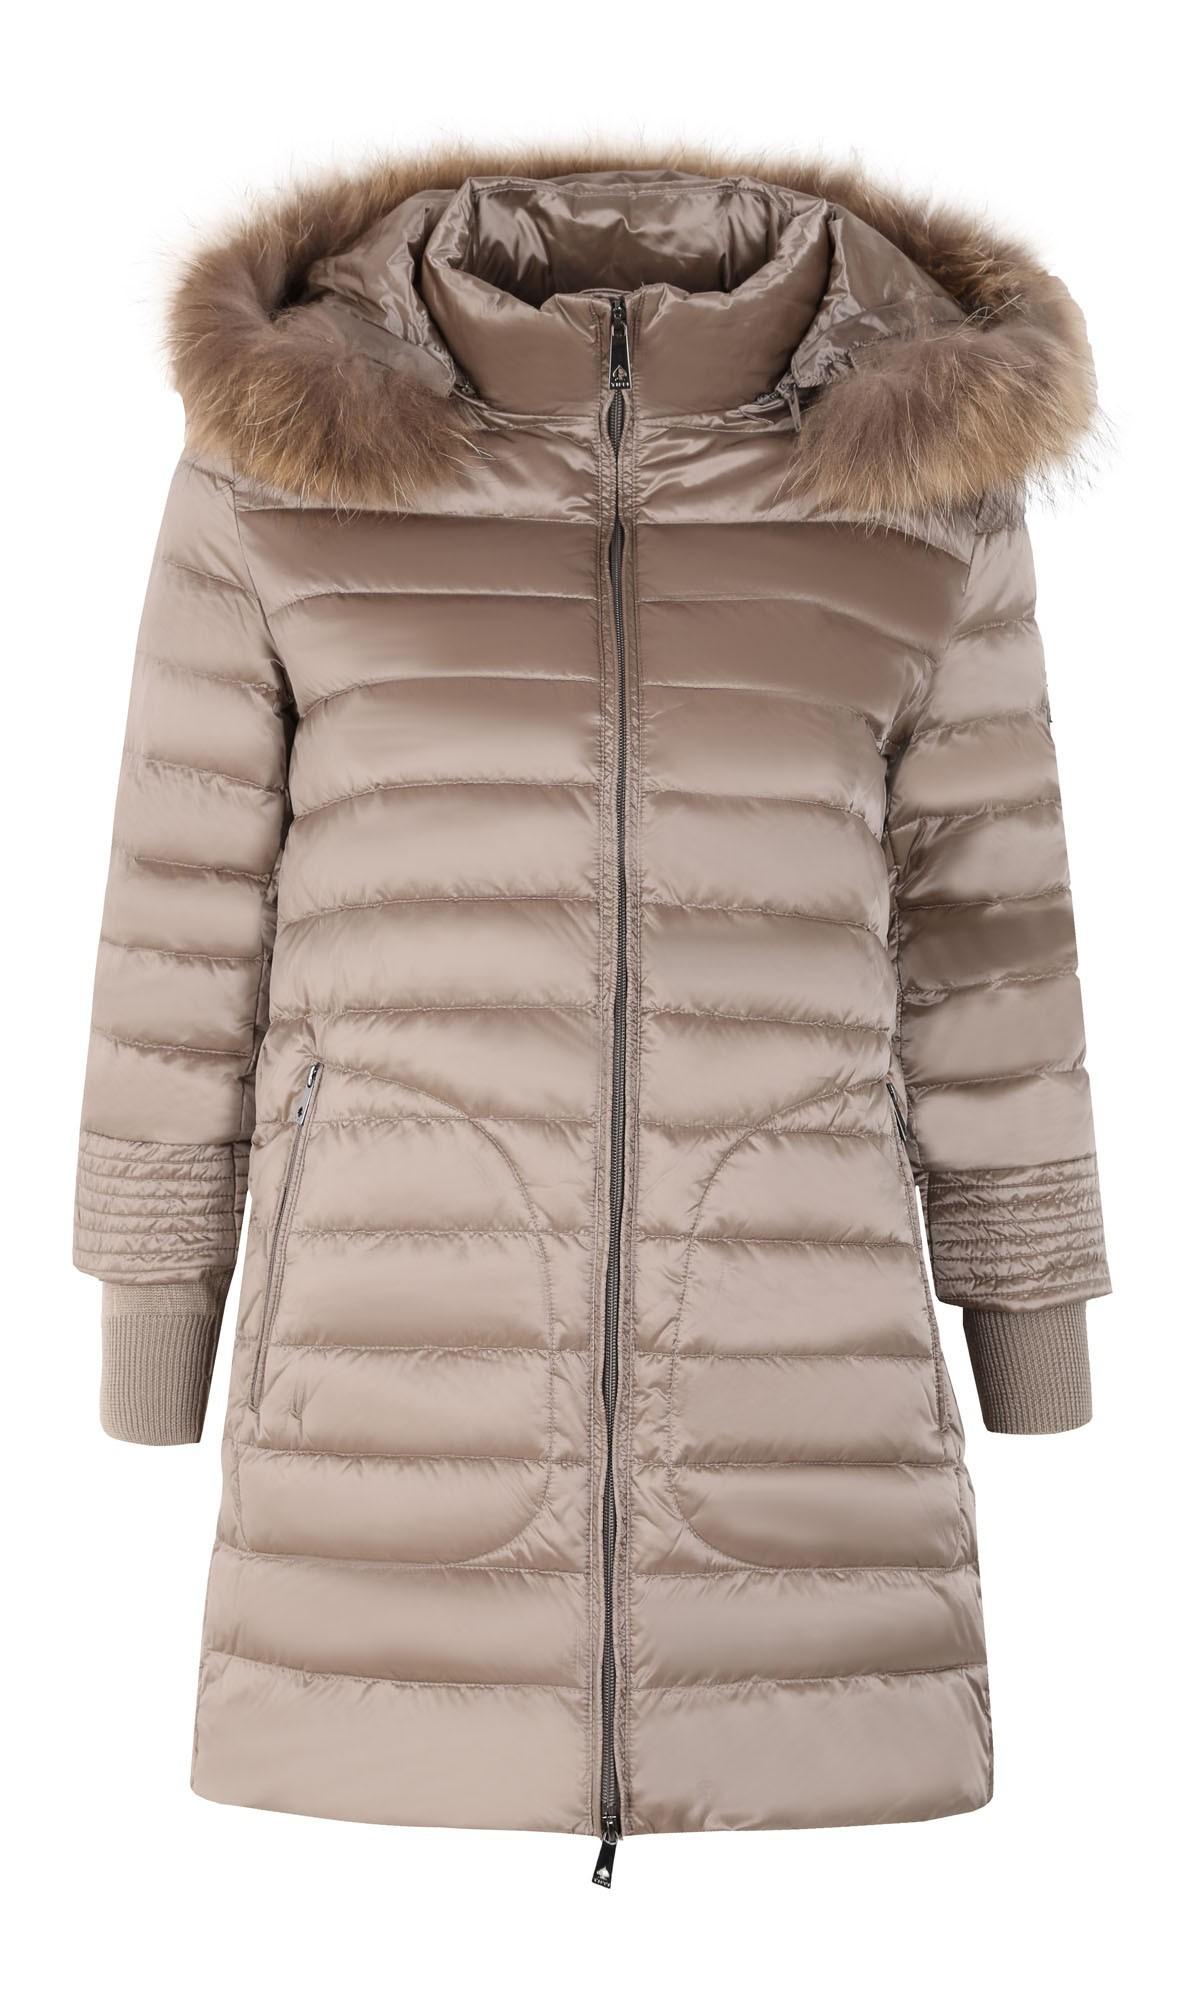 Damskie kurtki zimowe Oficjalny sklep Tiffi